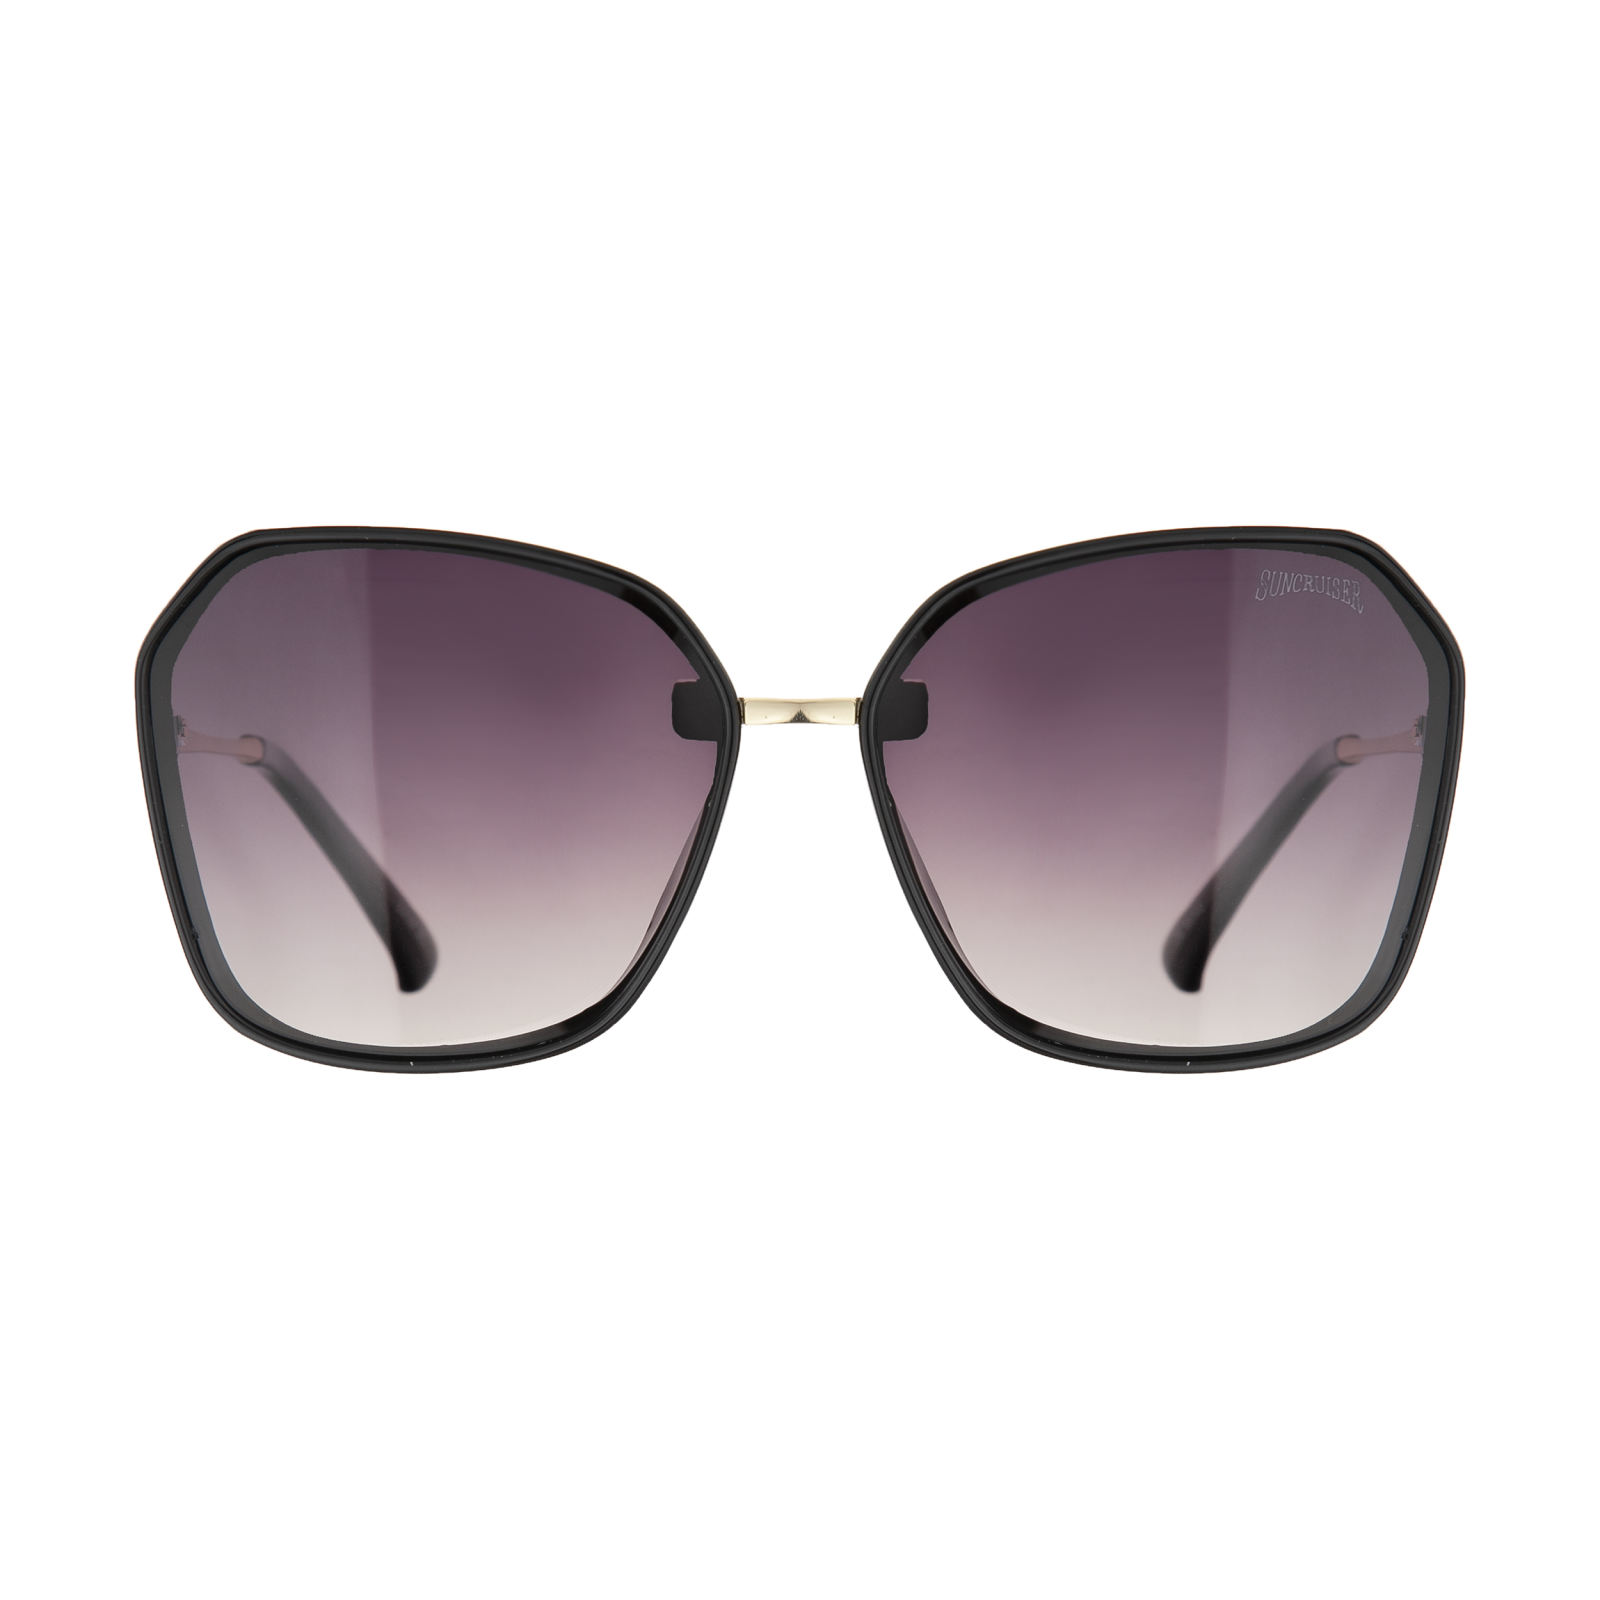 عینک آفتابی زنانه سانکروزر مدل 6002 -  - 1